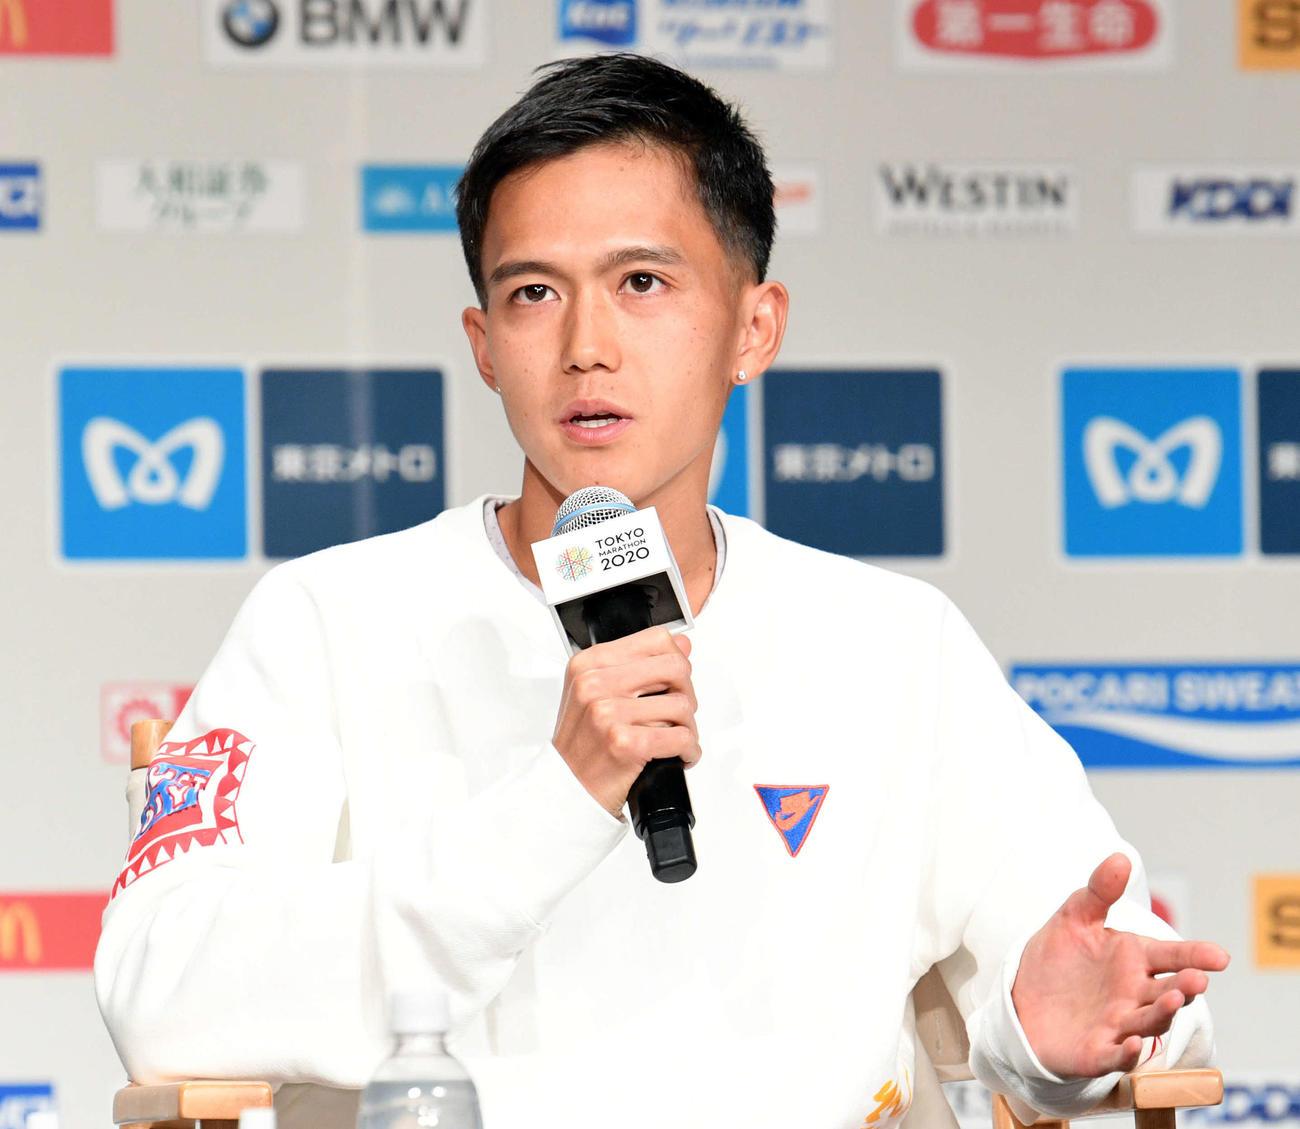 東京マラソン2020 プレスカンファレンスで会見する大迫(撮影・滝沢徹郎)